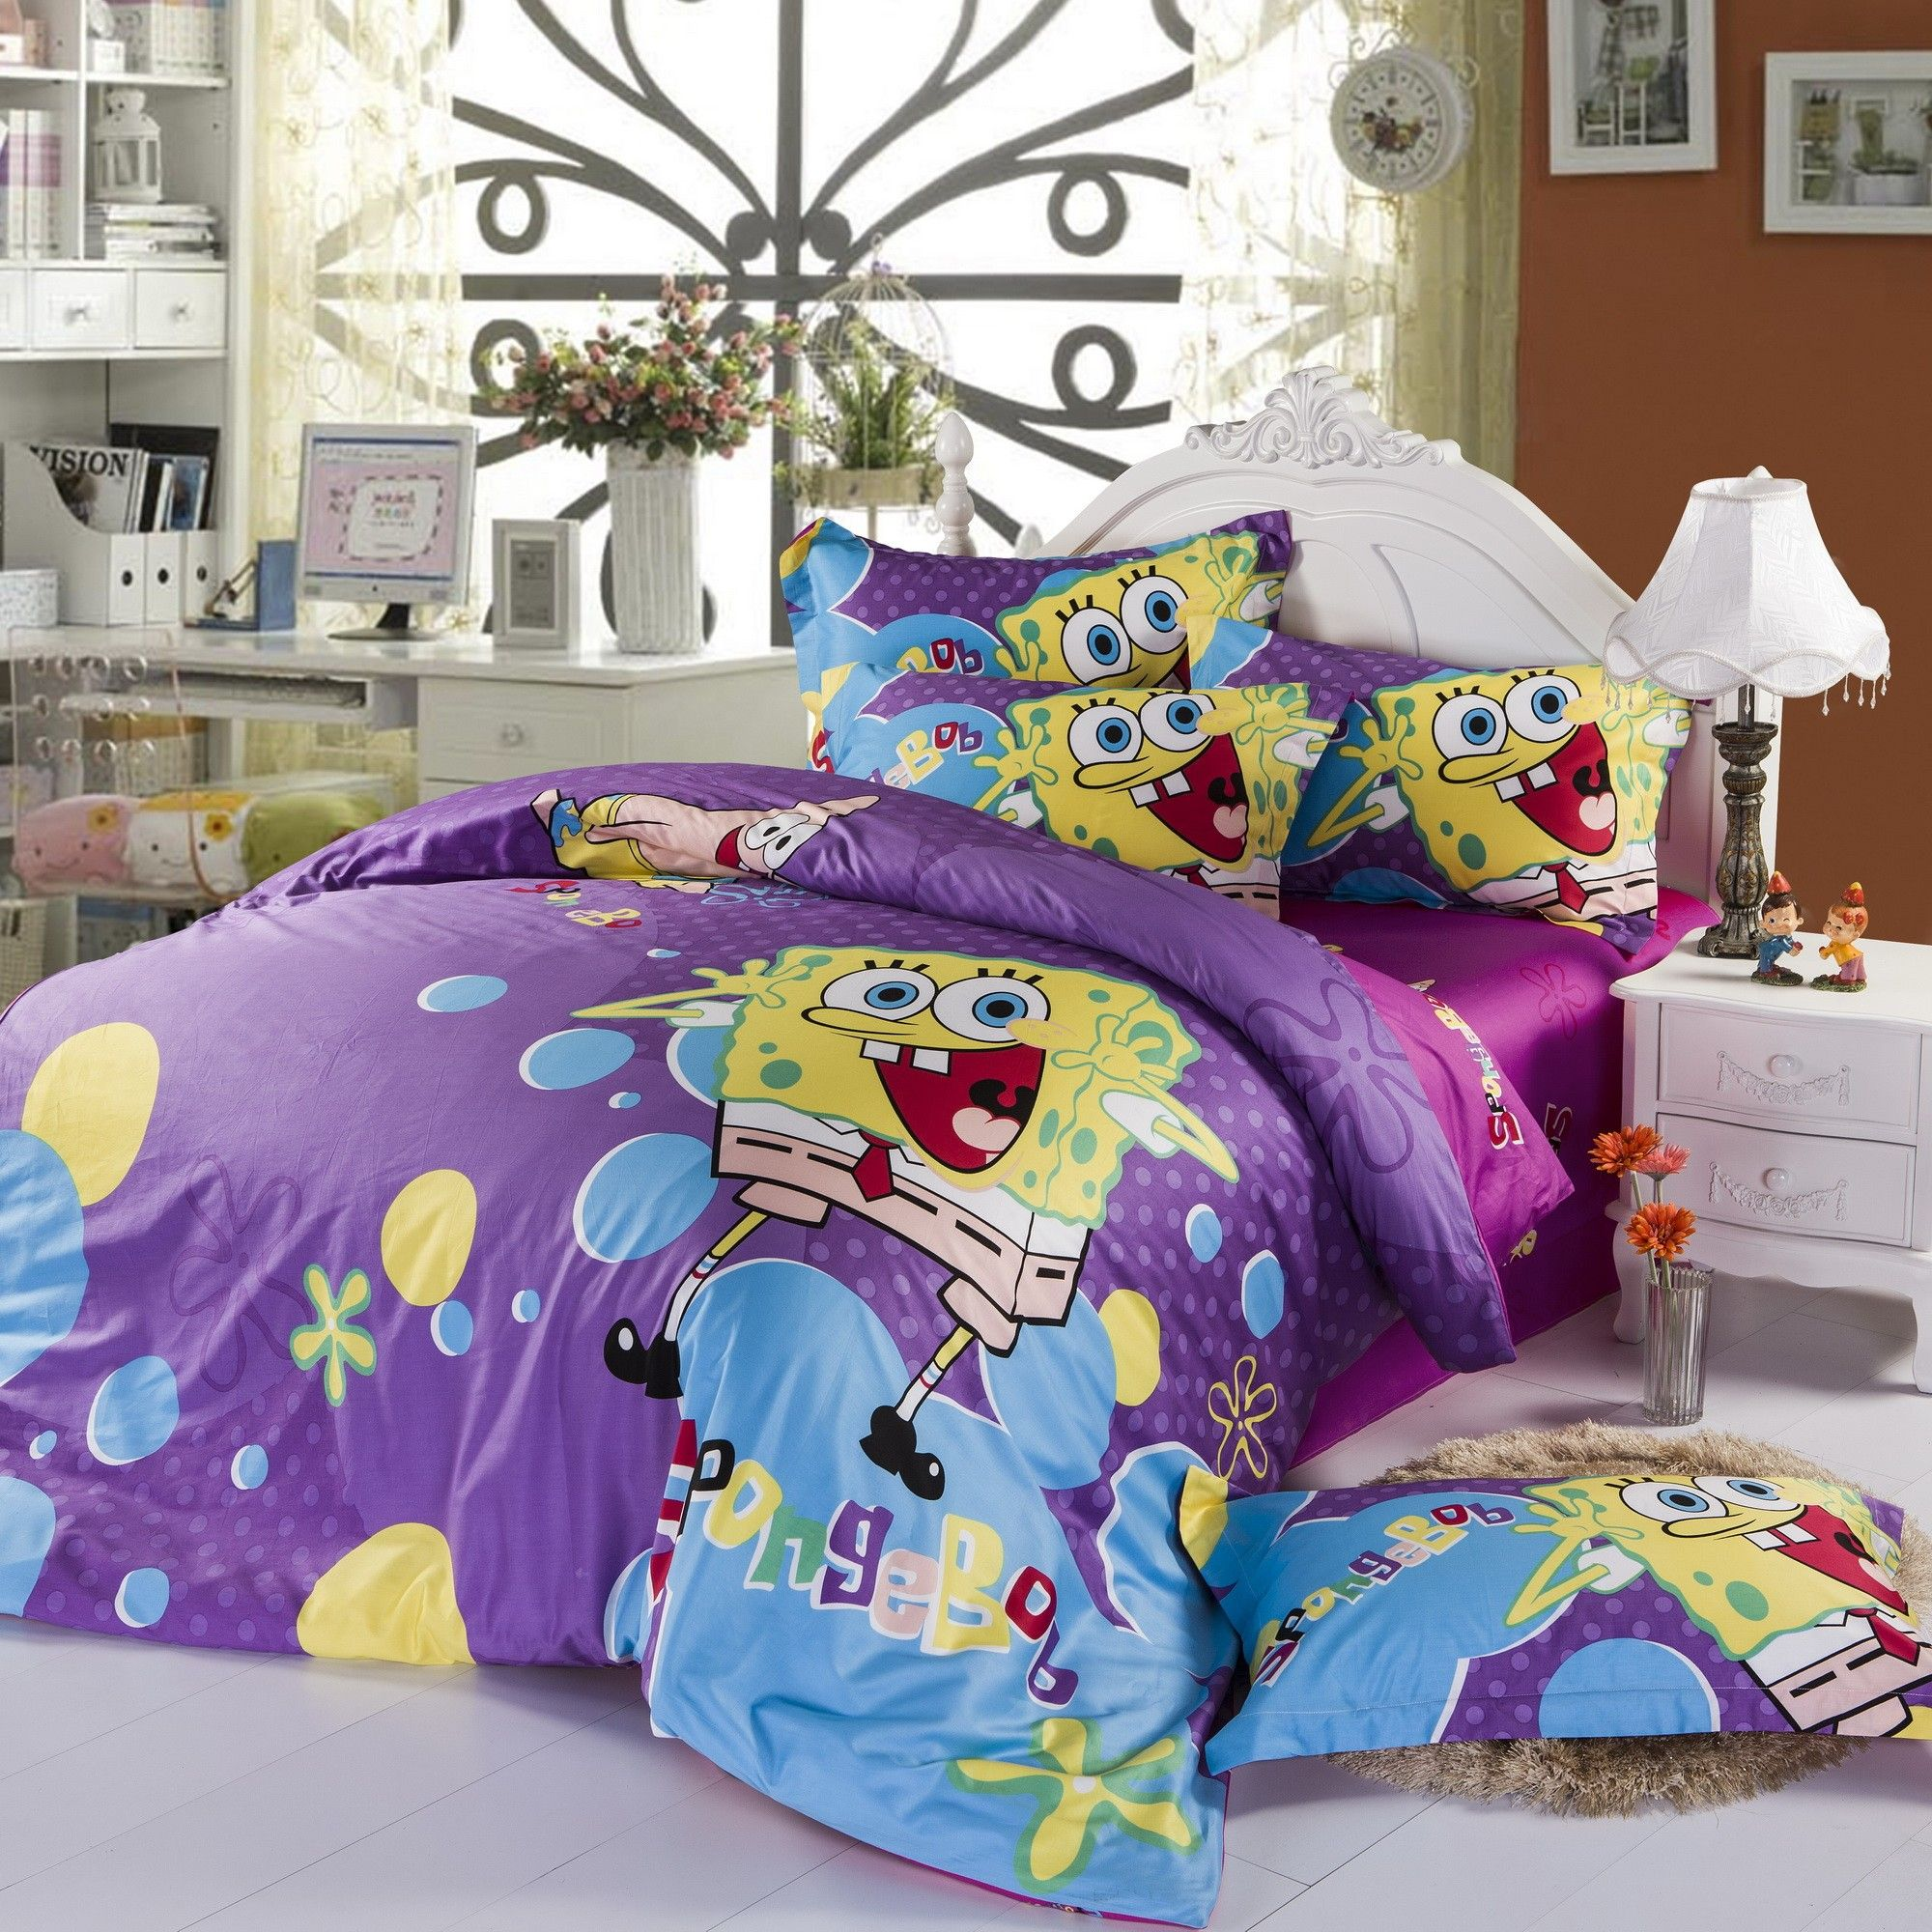 Taelyn S Bedding Kids Bedding Sets Toddler Bed Duvet Cover Bed Duvet Covers Spongebob bedroom set images